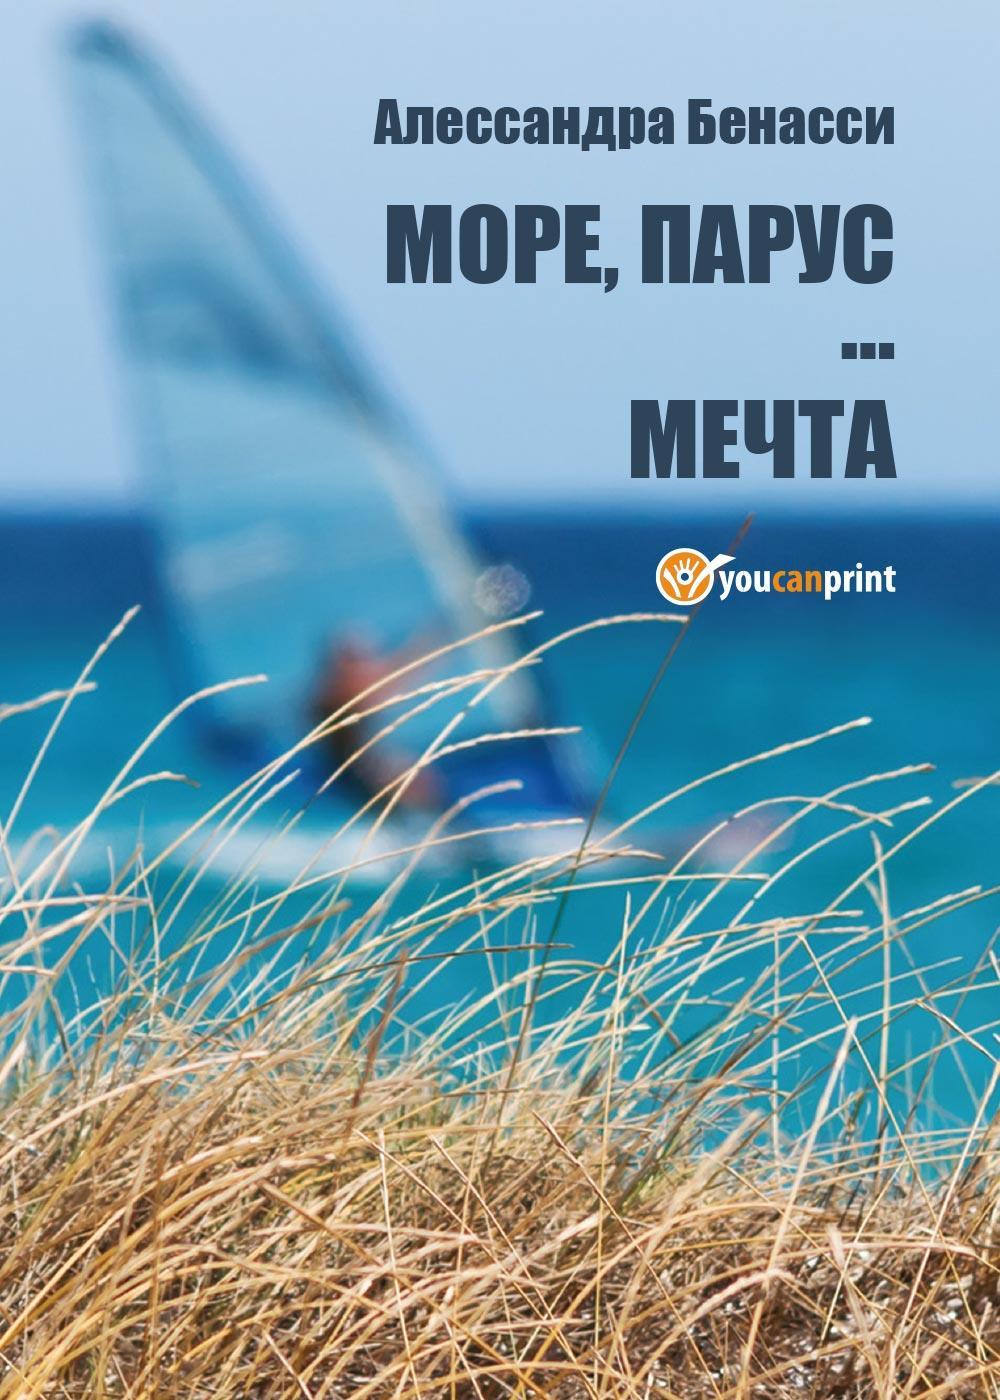 Il mare, una vela...un sogno - Versione russa